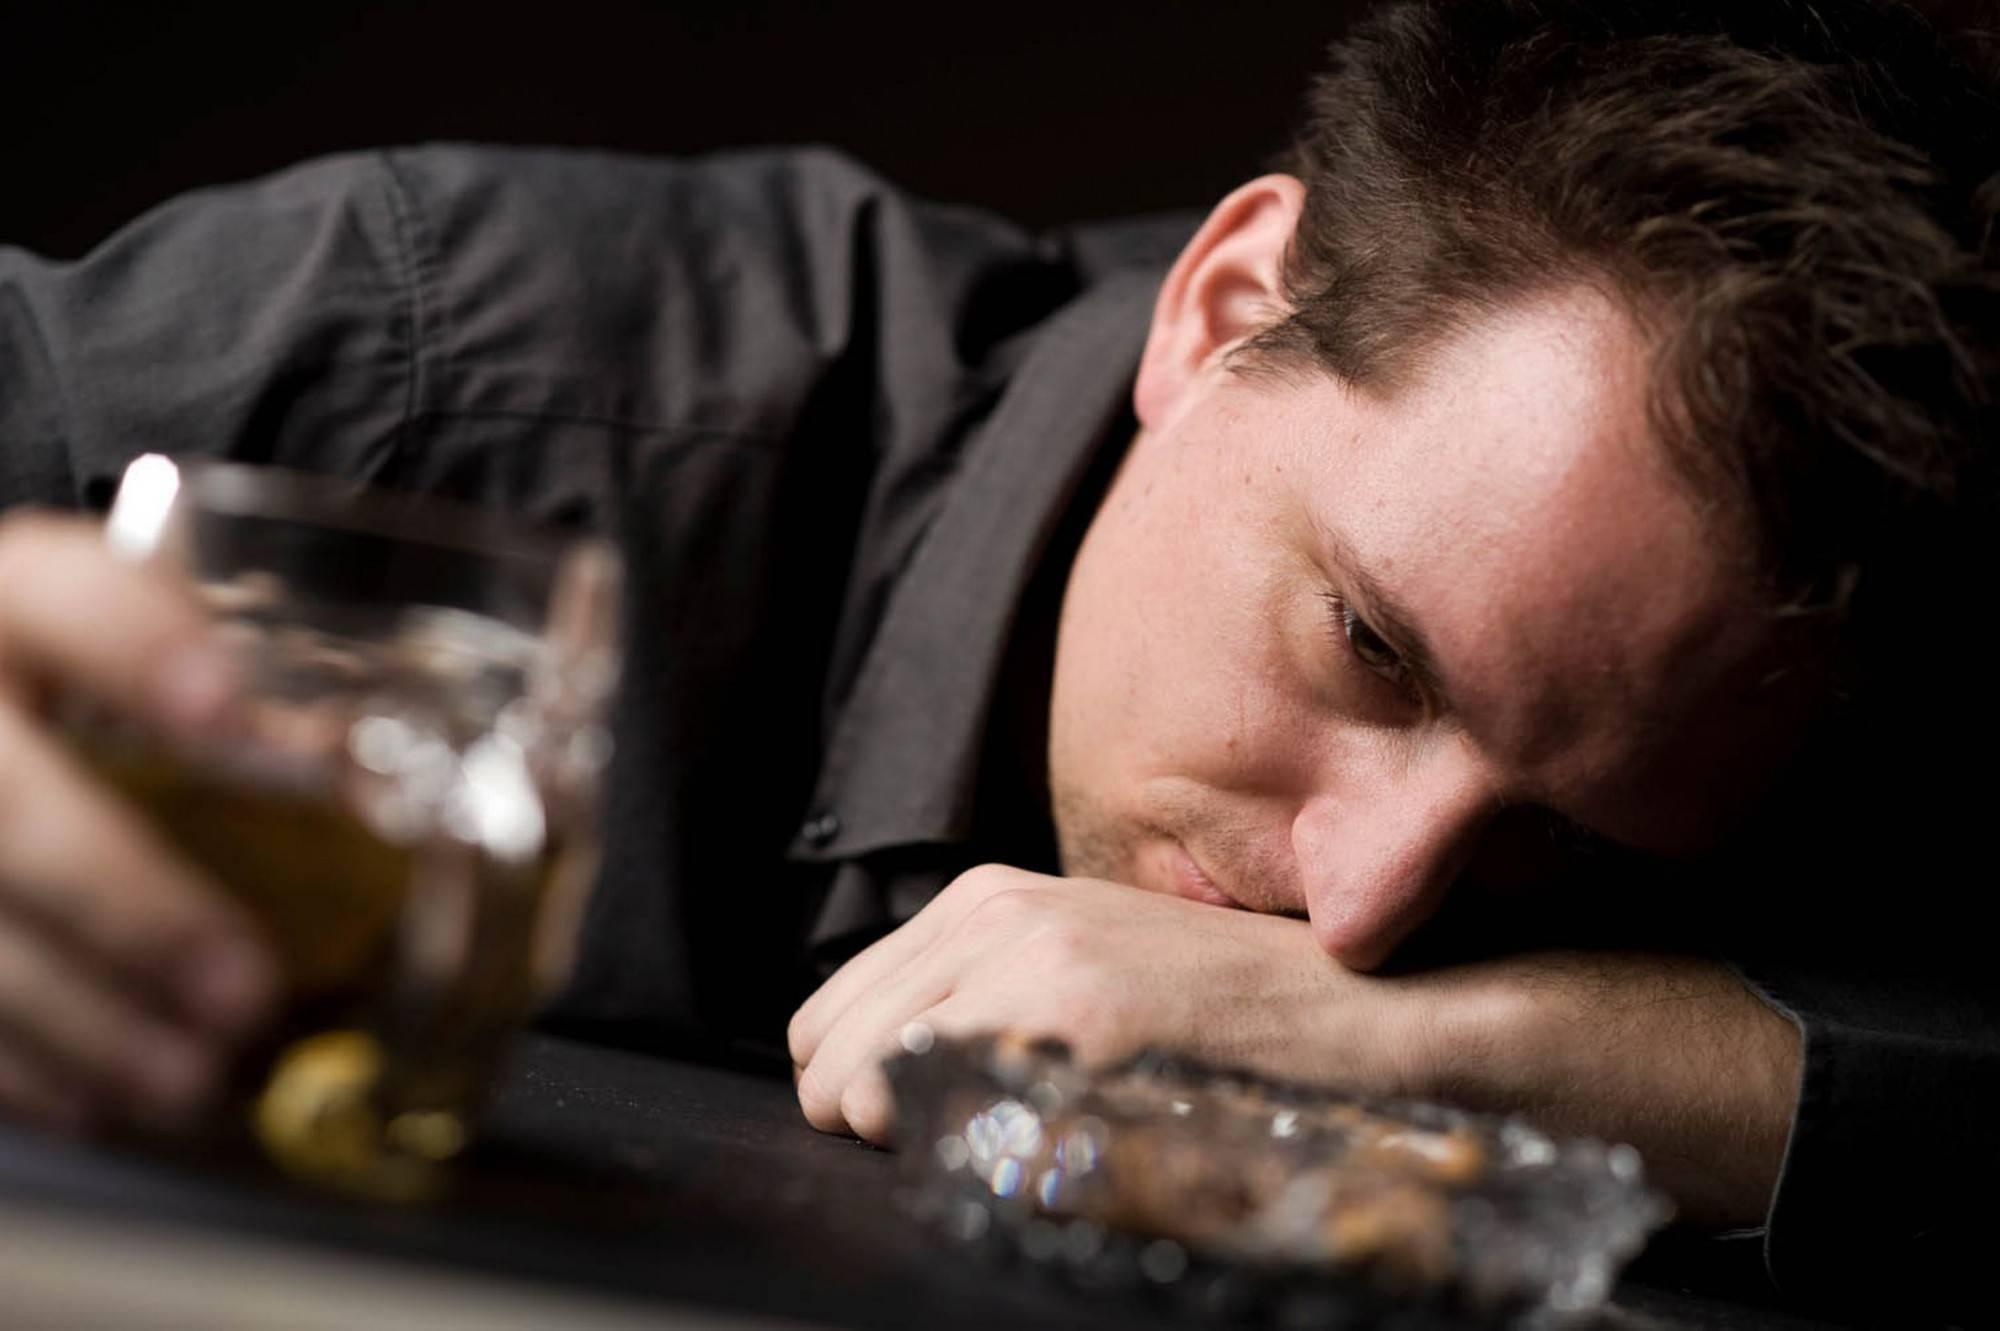 Как пить водку и чем её нельзя закусывать: с чем пьют водку, правильное питье, можно ли запивать её соком